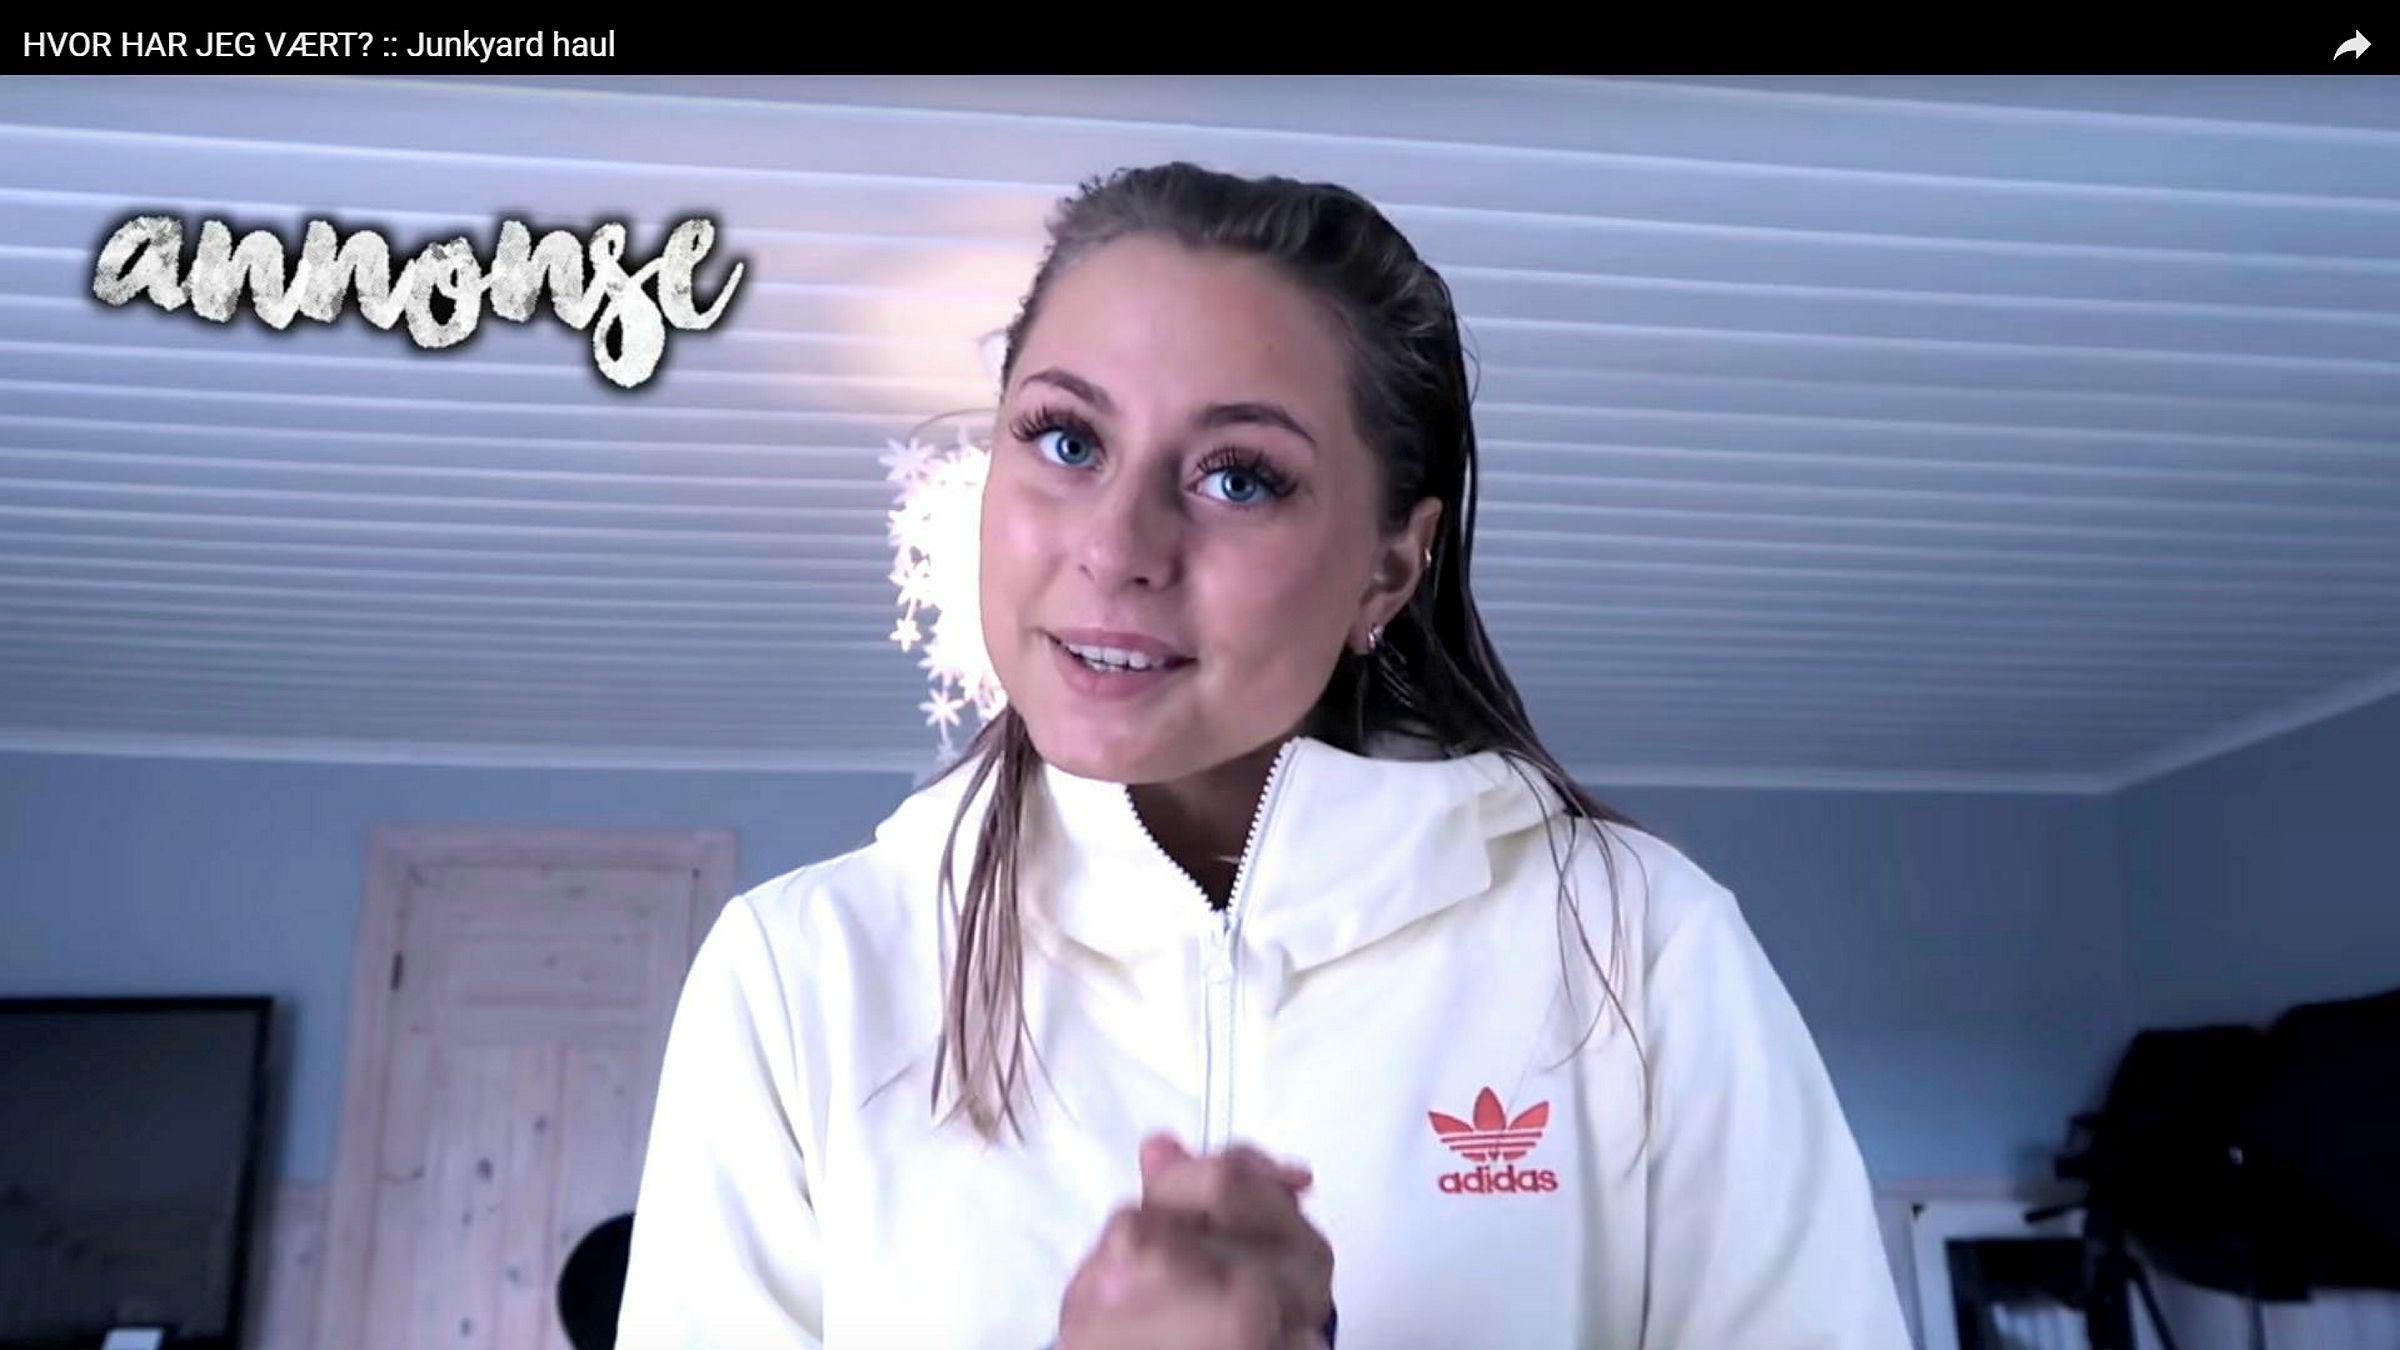 Amalie Olsen - youtuber fra hennes kanal på youtube